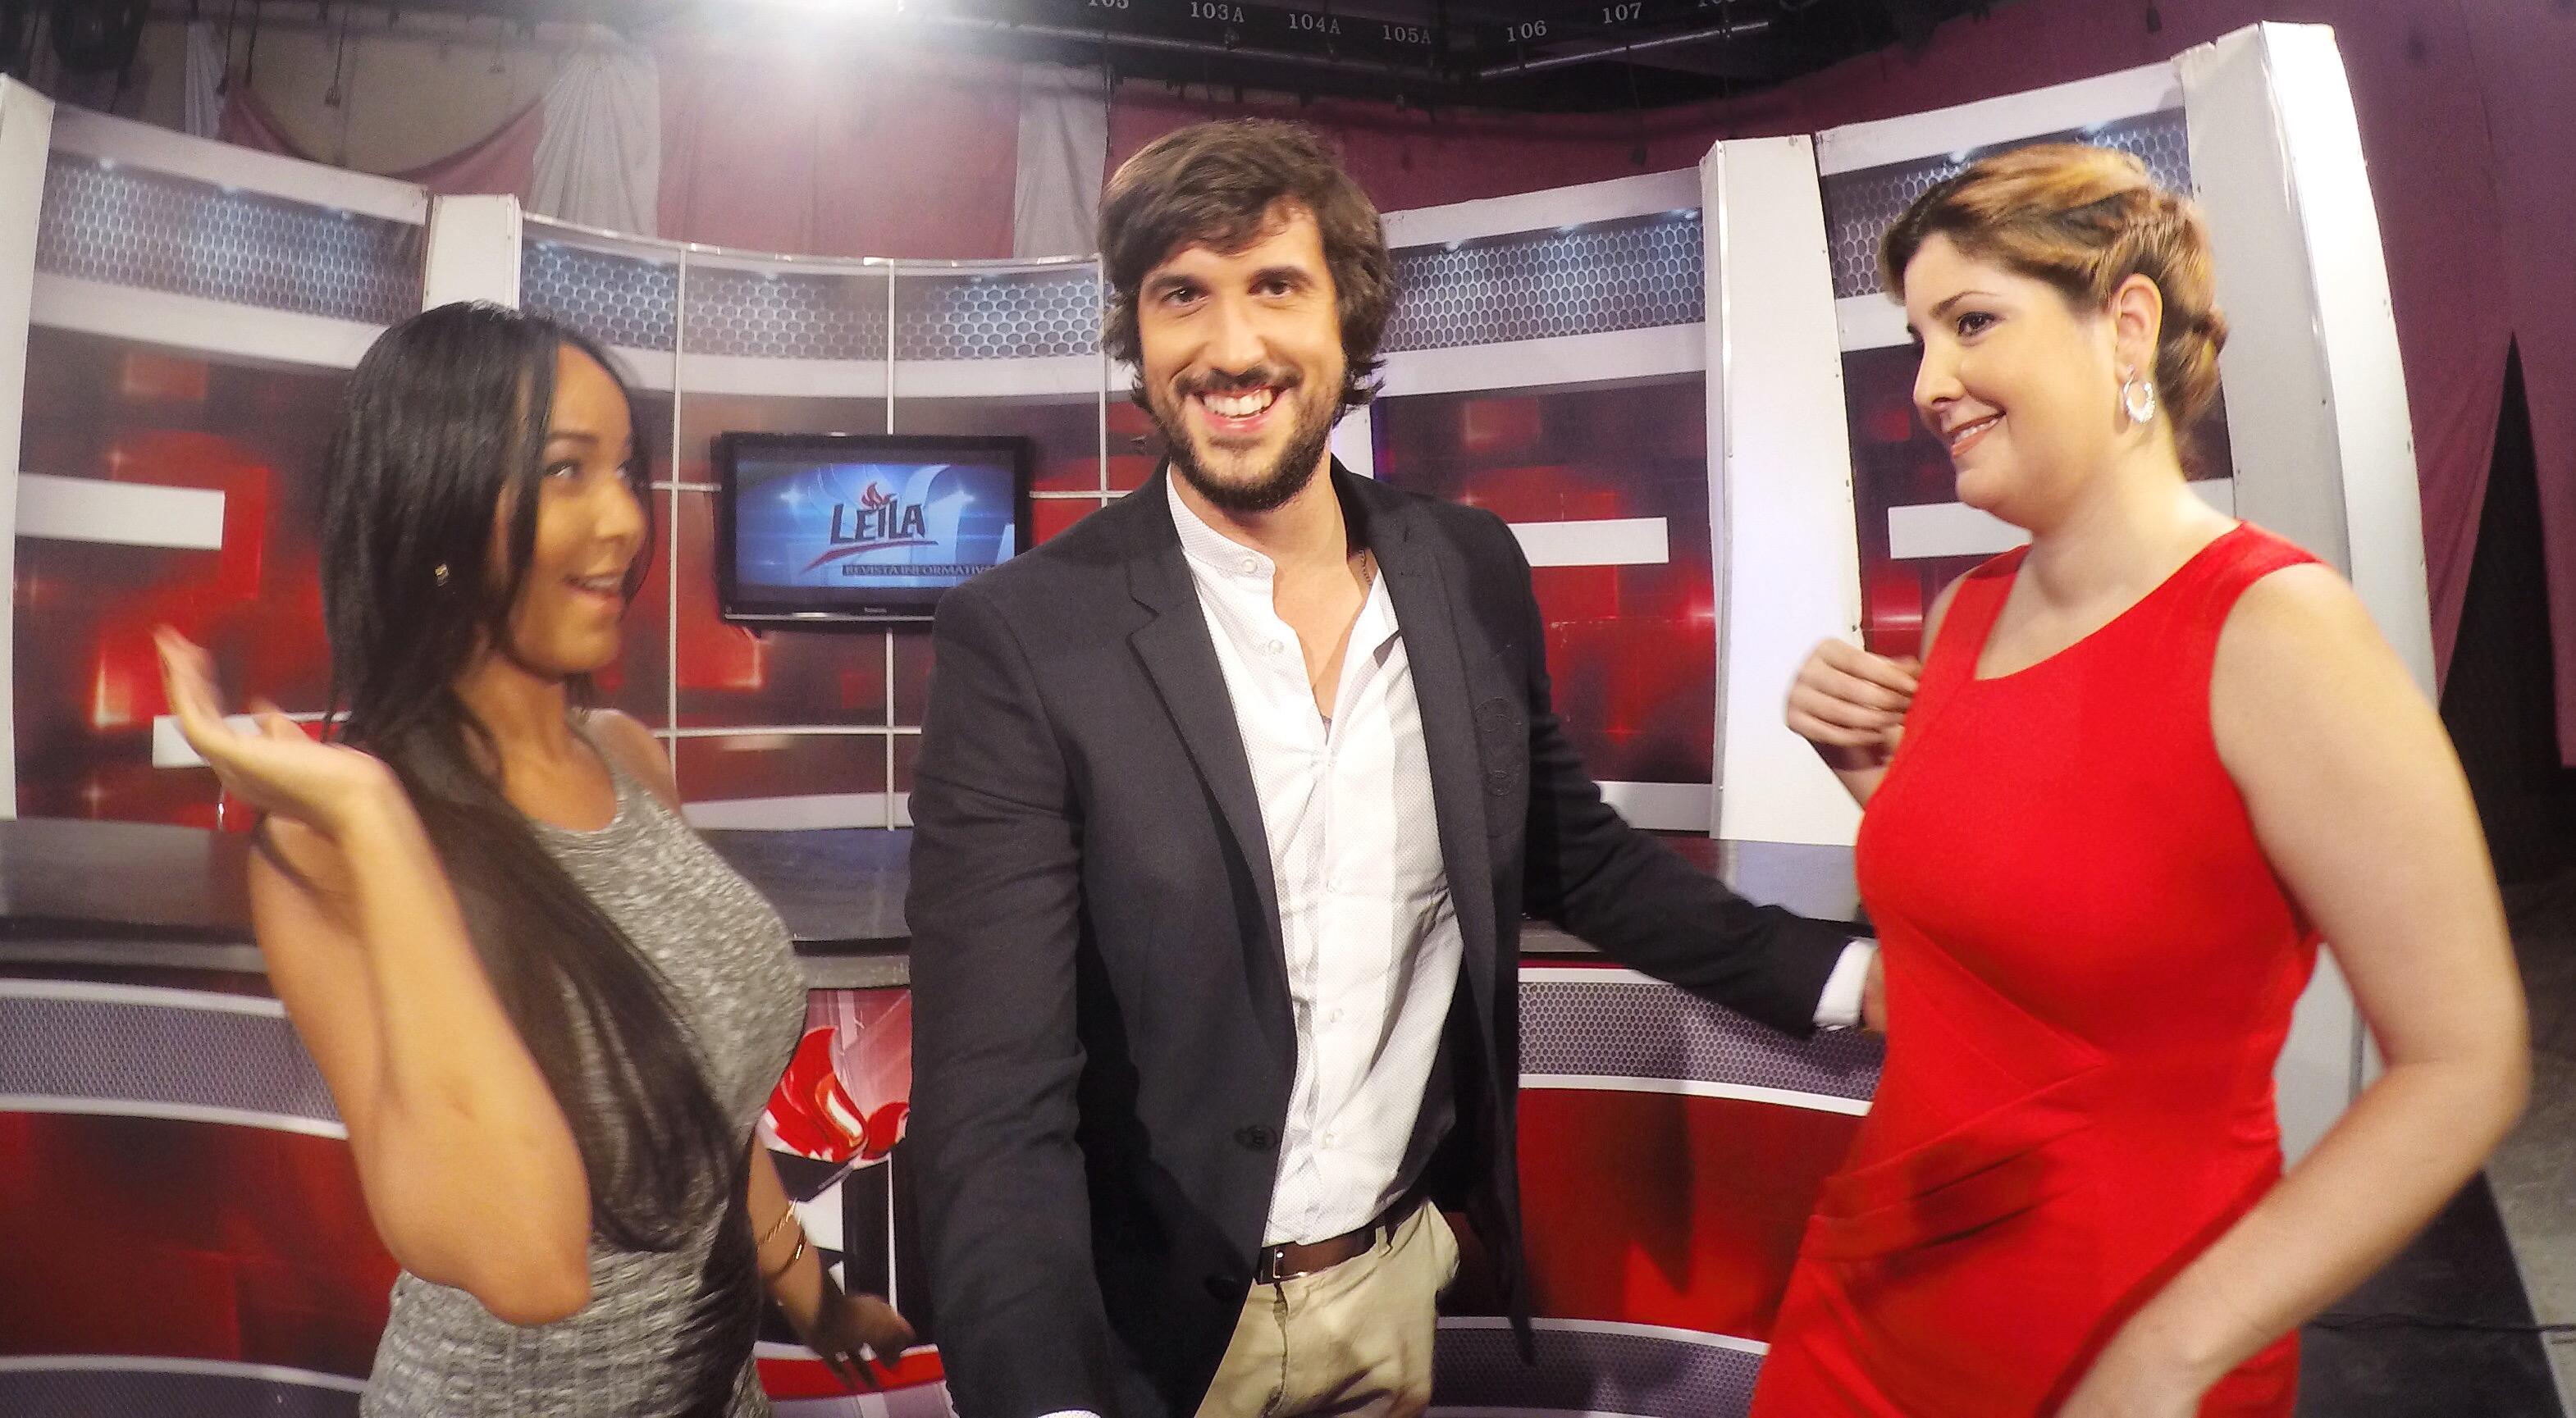 Entrevista William Ramos por Leila Mejia – Telecentro